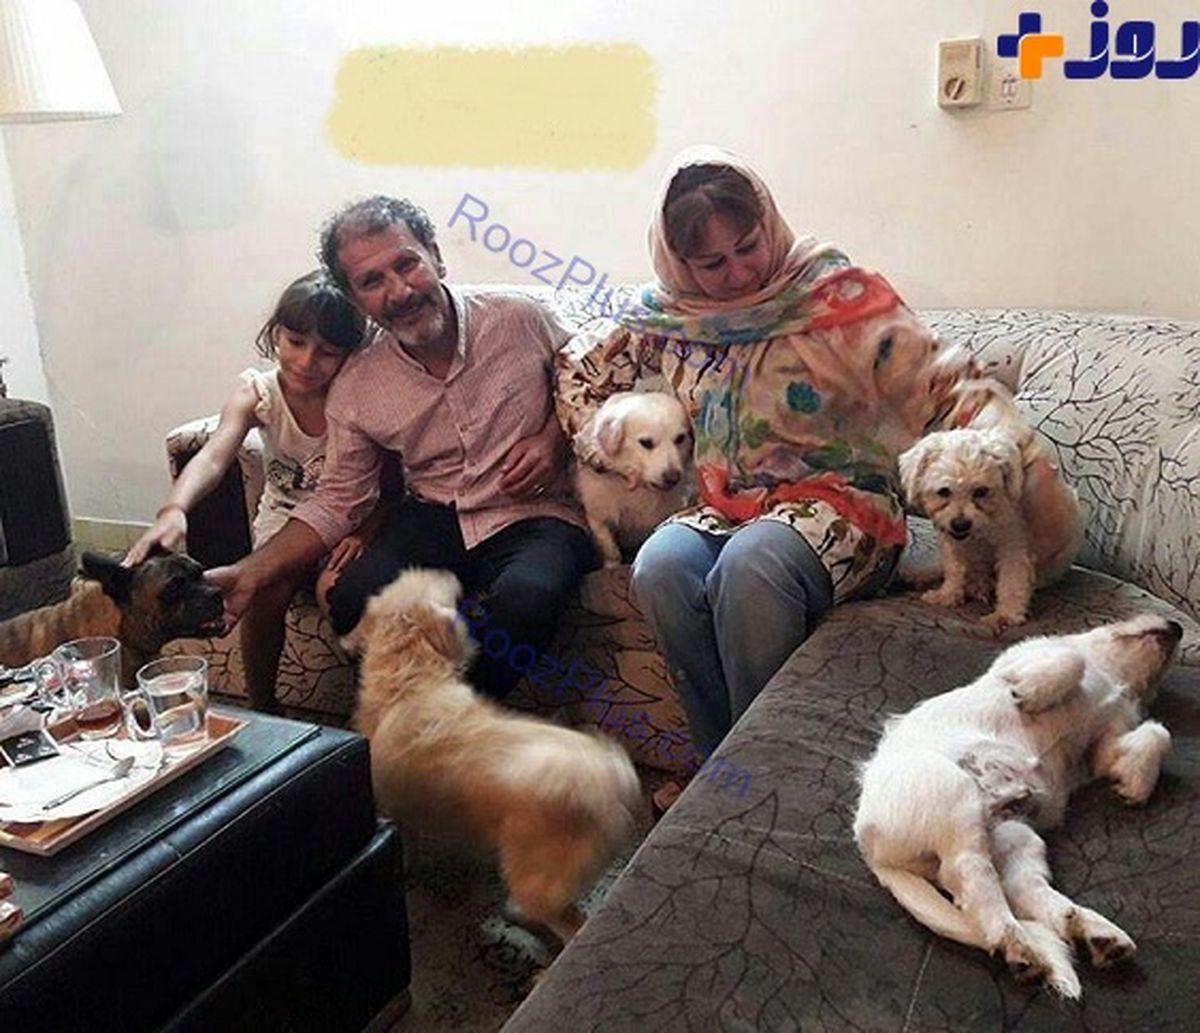 سگ های عجیب و غریب در خانه افشین سنگچاپ +عکس